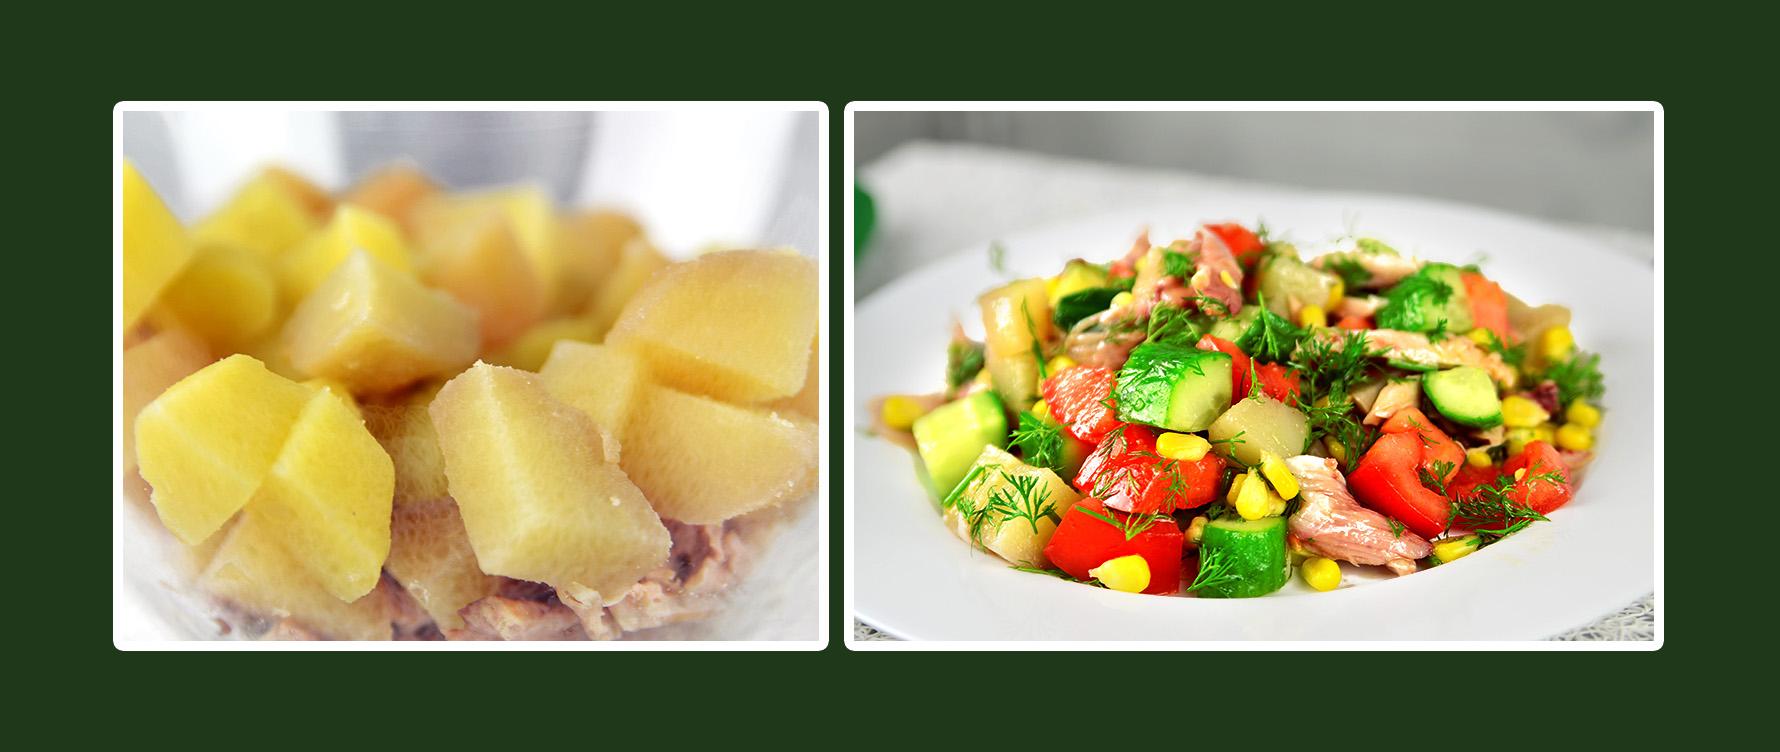 Gemüsesalat mit Hähnchenbrustfilet und Kartoffeln